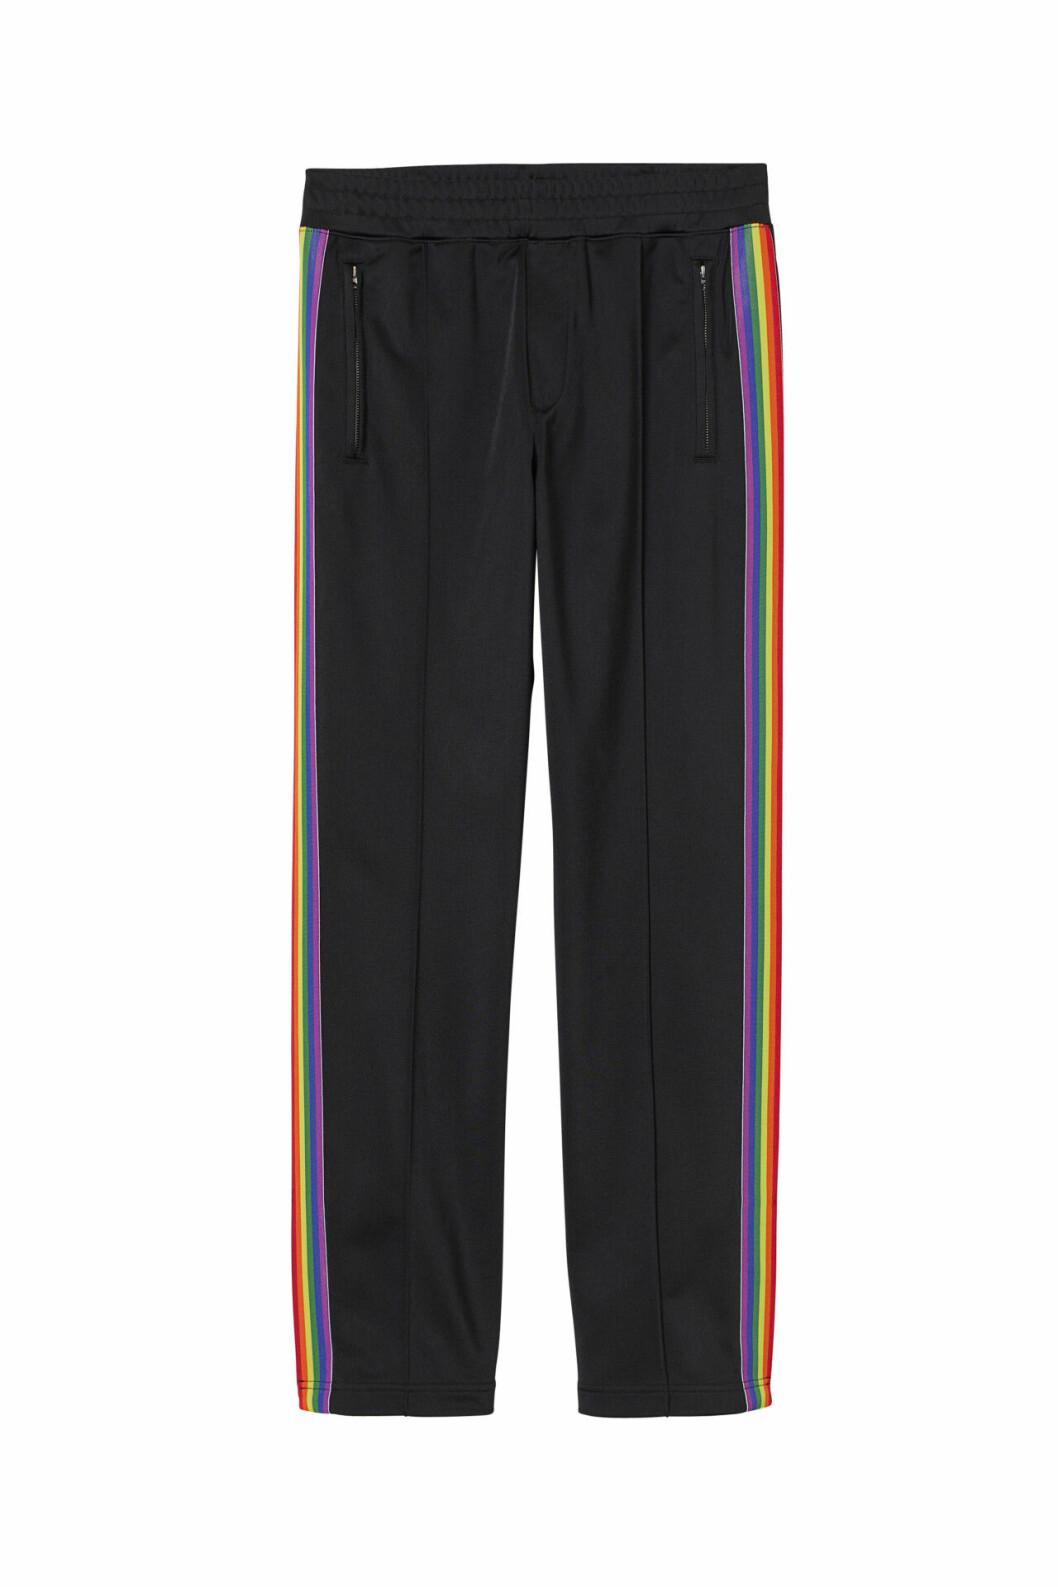 H&M släpper Pridekollektion för 2019 – track pants med revärer